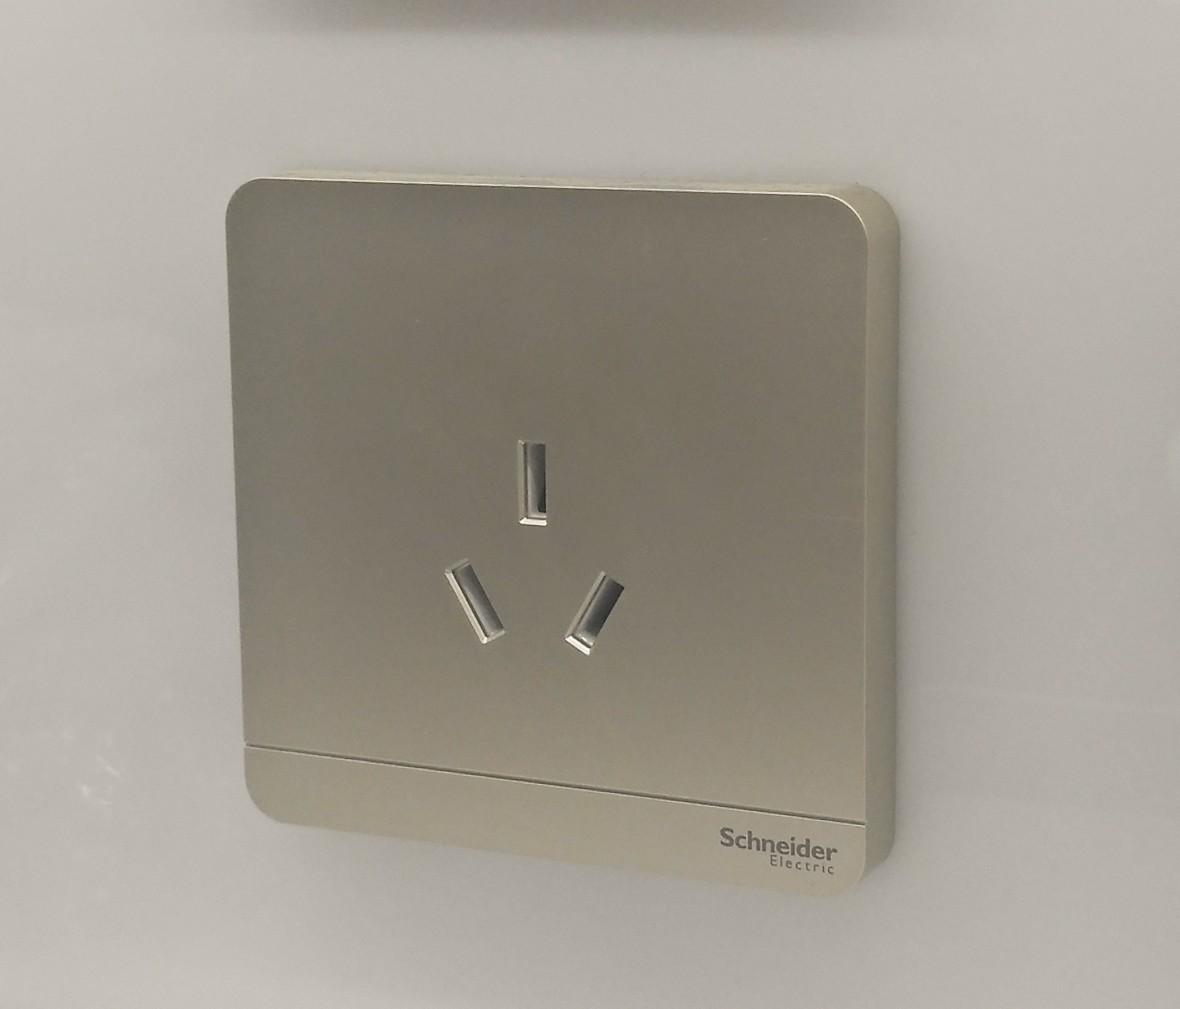 施耐德 蓝韵系列 三孔16A插座 PC材质 耐高温 防漏电 安全插座 实拍